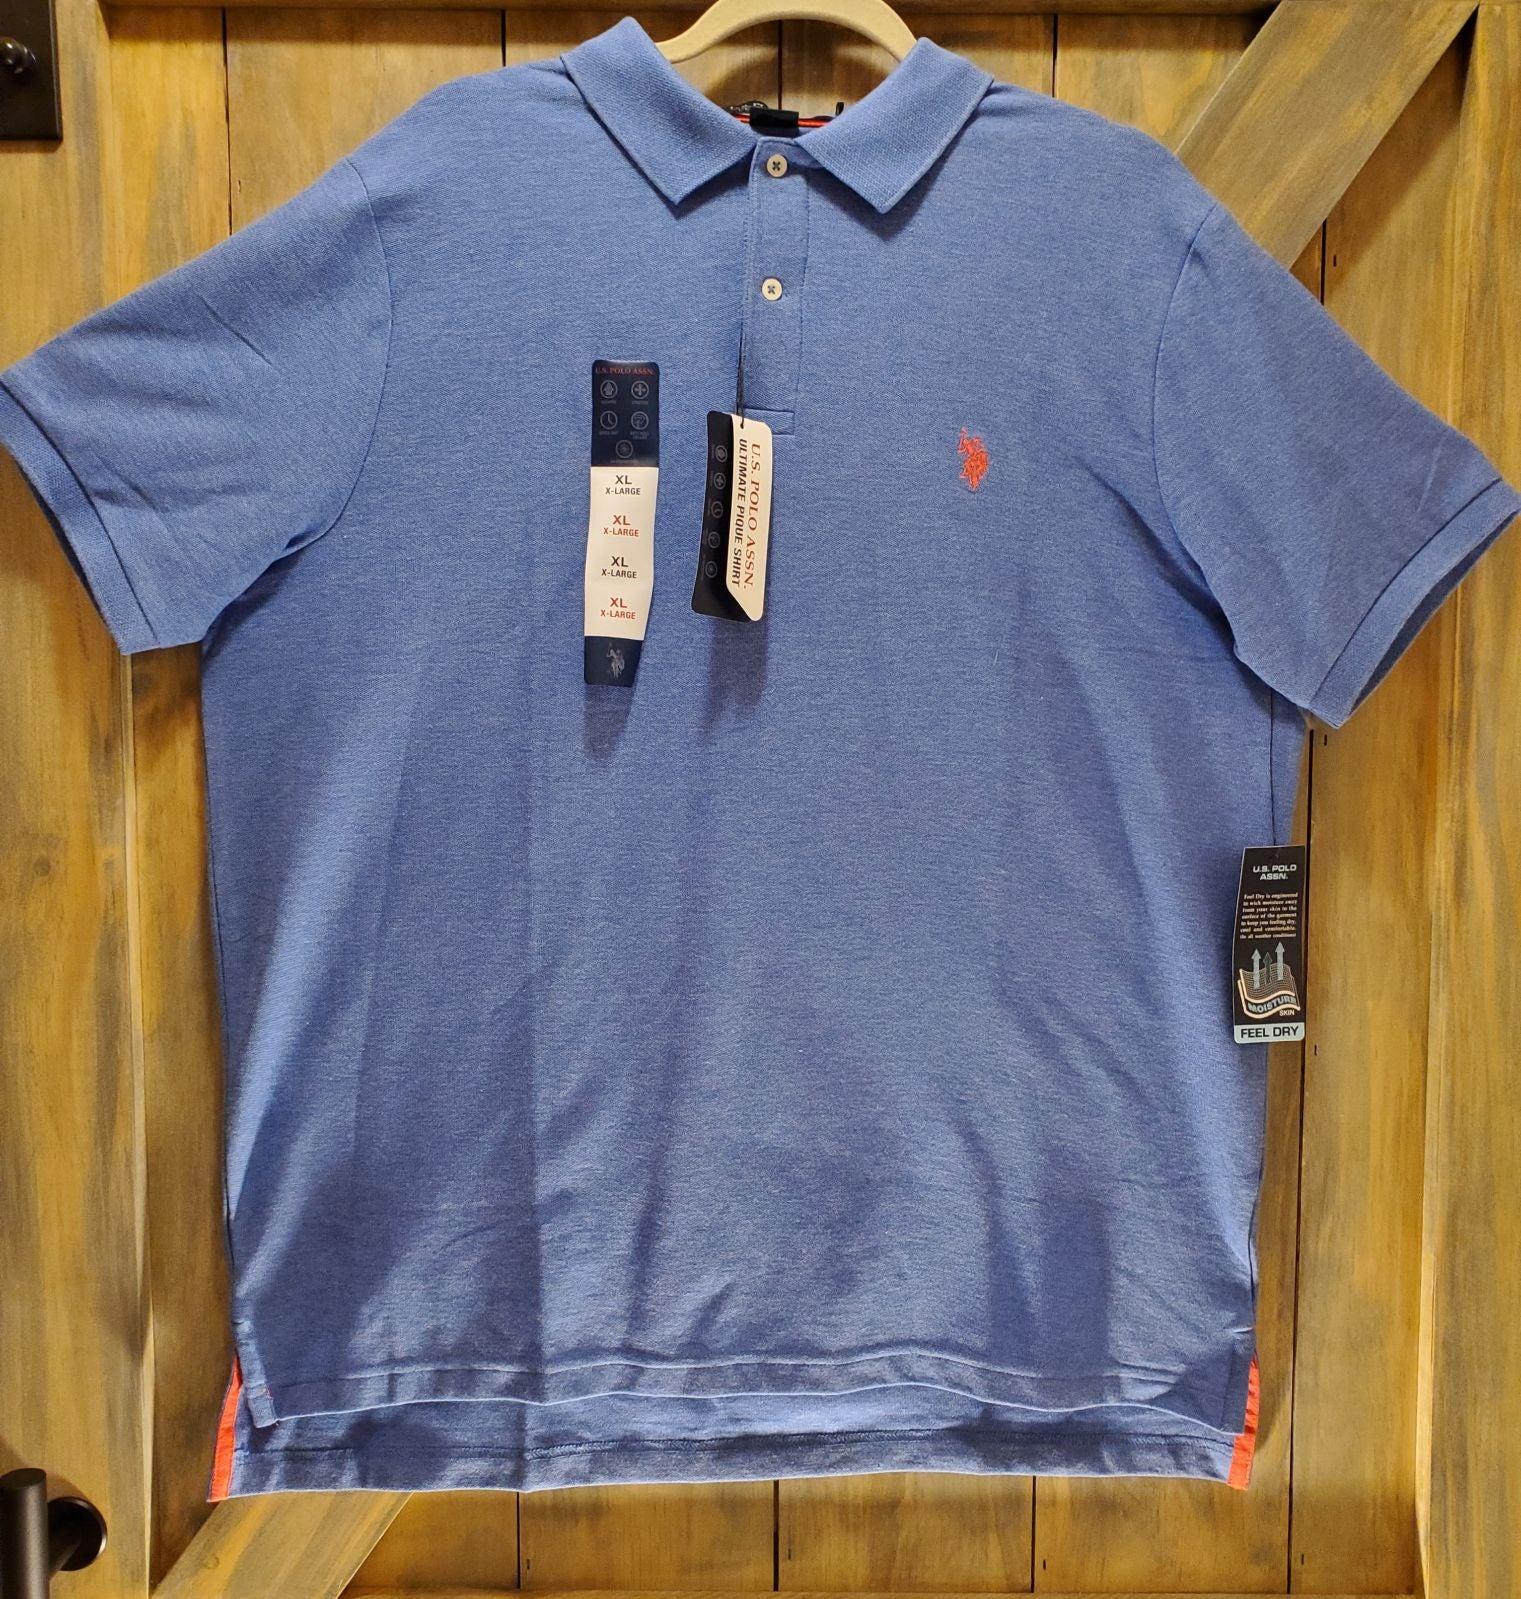 NWT U.S. Polo Assn. Mens Polo Shirt SzXL